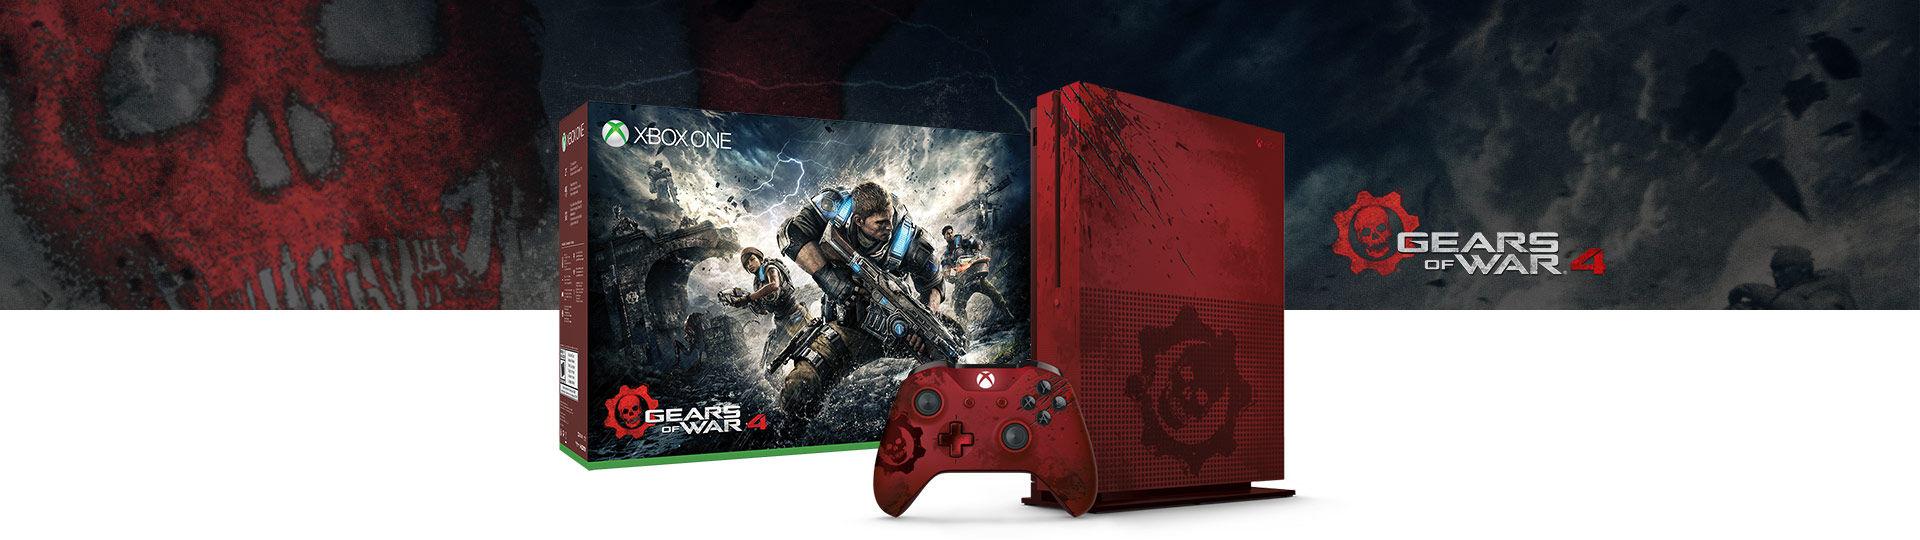 Gears of war xbox one trovaprezzi